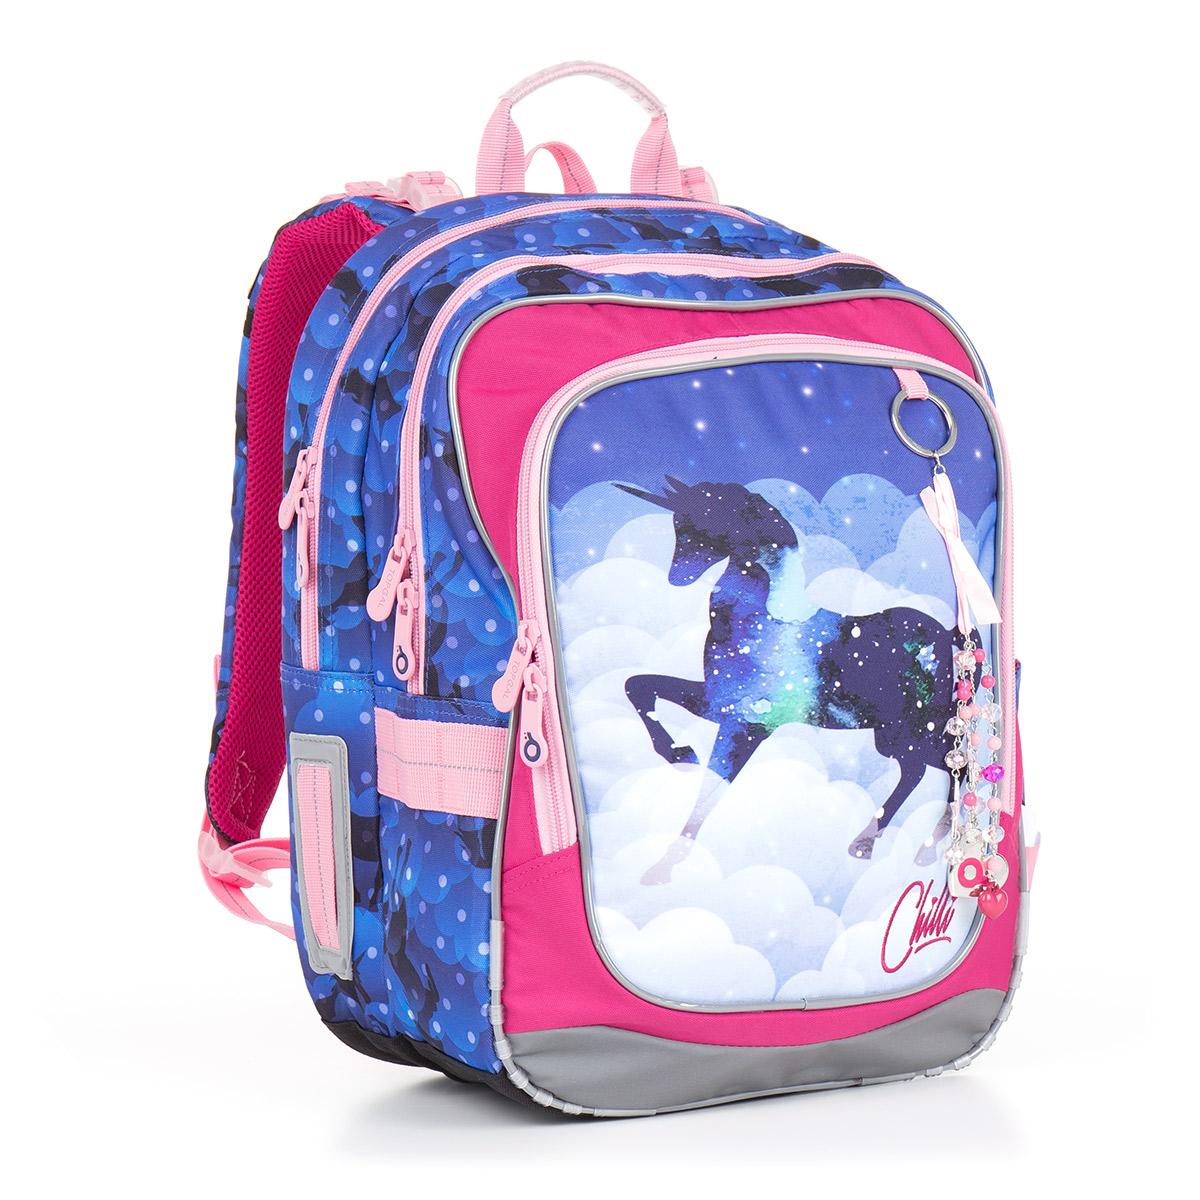 Dvoukomorový školní batoh pro holčičky s motivem jednorožce a ... e760f0b405